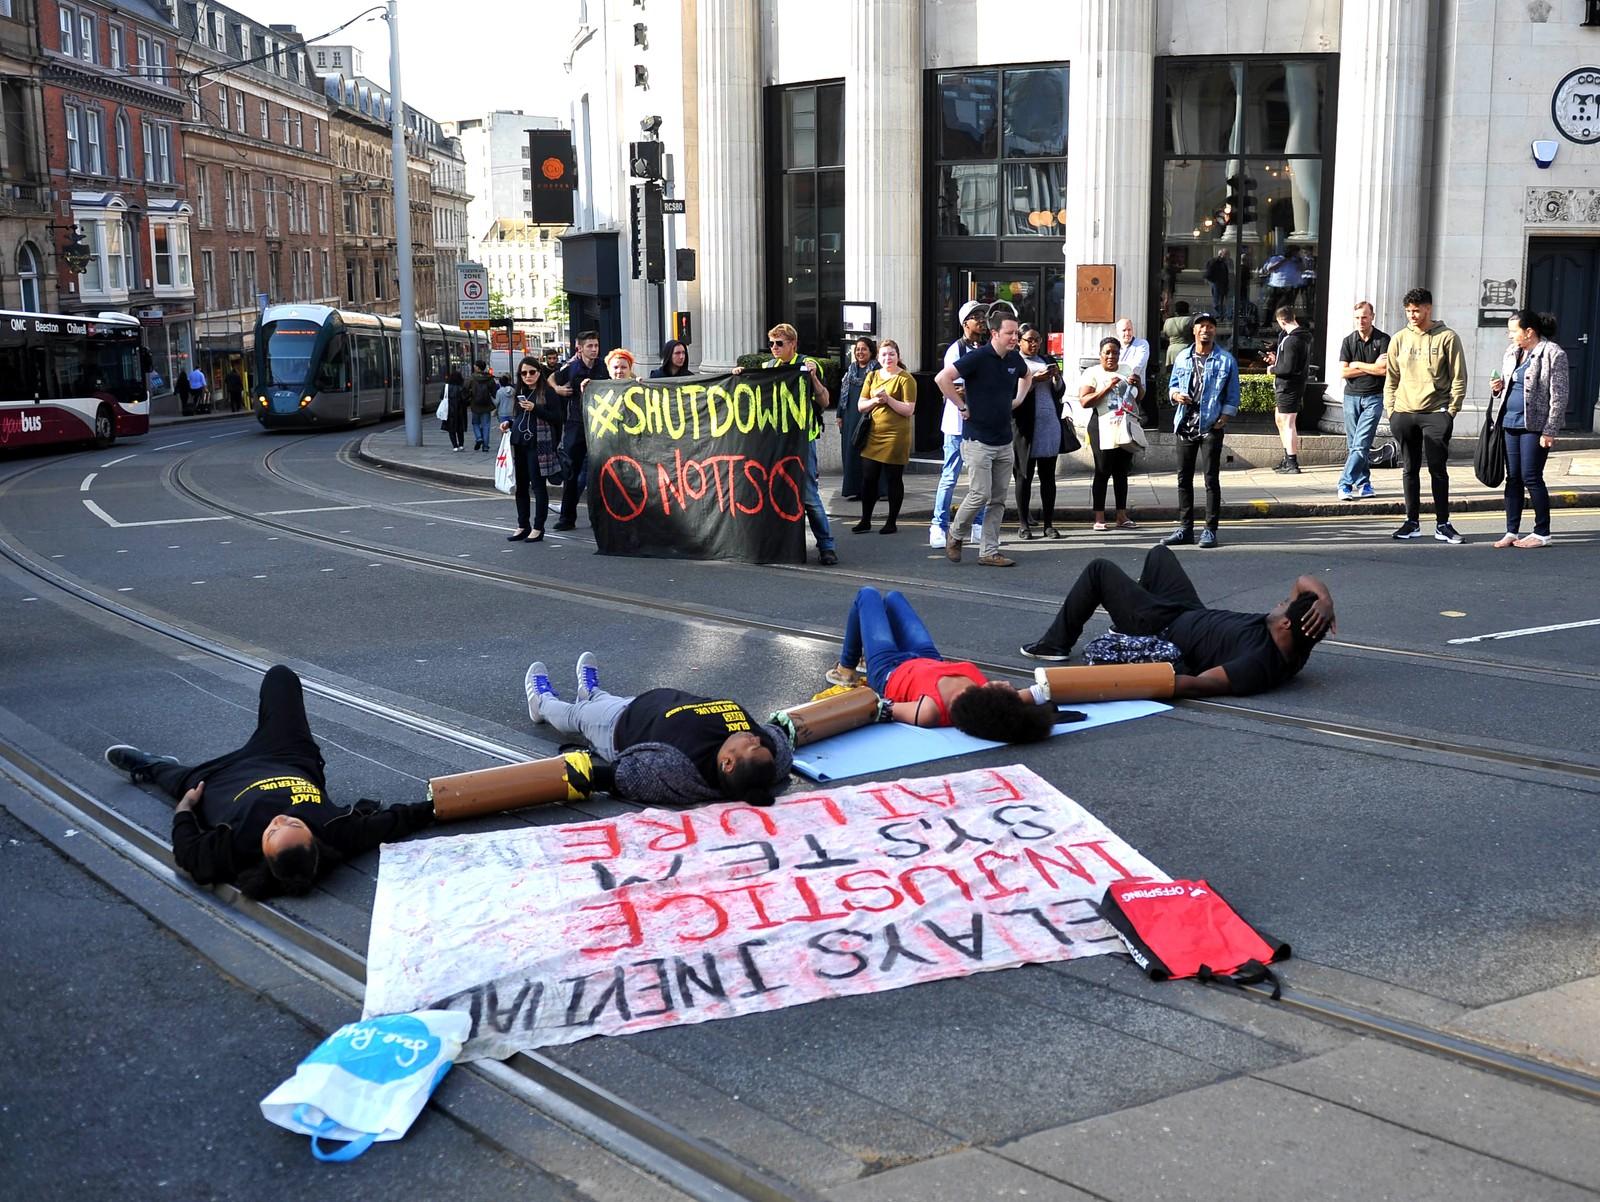 Demonstranter som tilhører gruppen Black Lives Matter forsøker å stoppe trafikken i Nottingham i England den 5. august. Det var lignende demonstrasjoner i flere engelske byer, og en gruppe stoppet også en vei som går til Heathrow lufthavn.